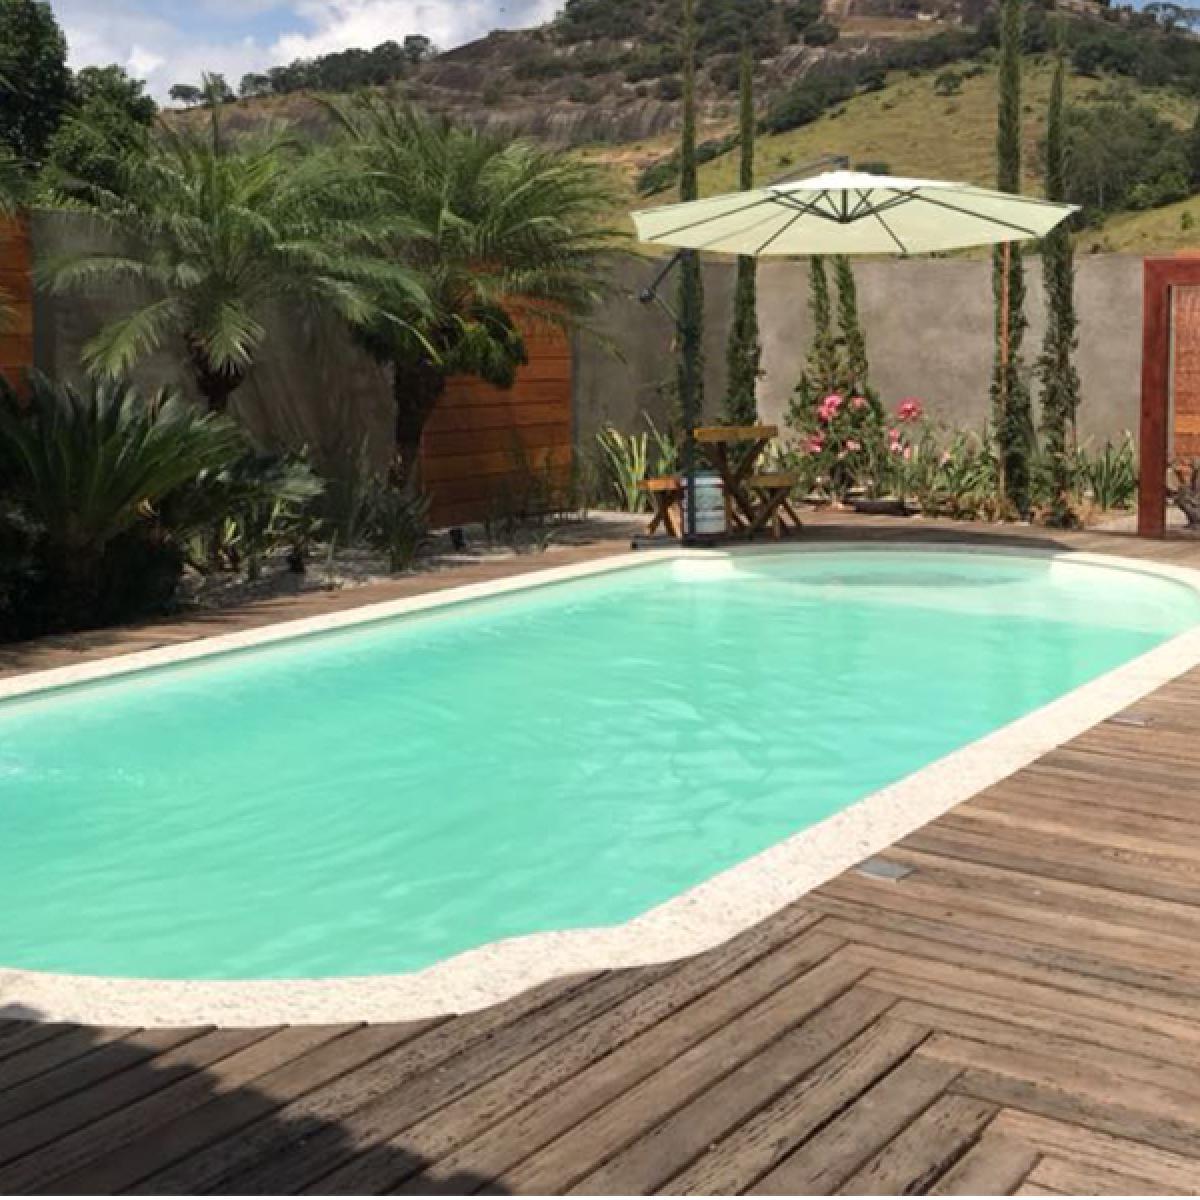 Imagens: Quais as principais vantagens das piscinas de fibra de vidro?